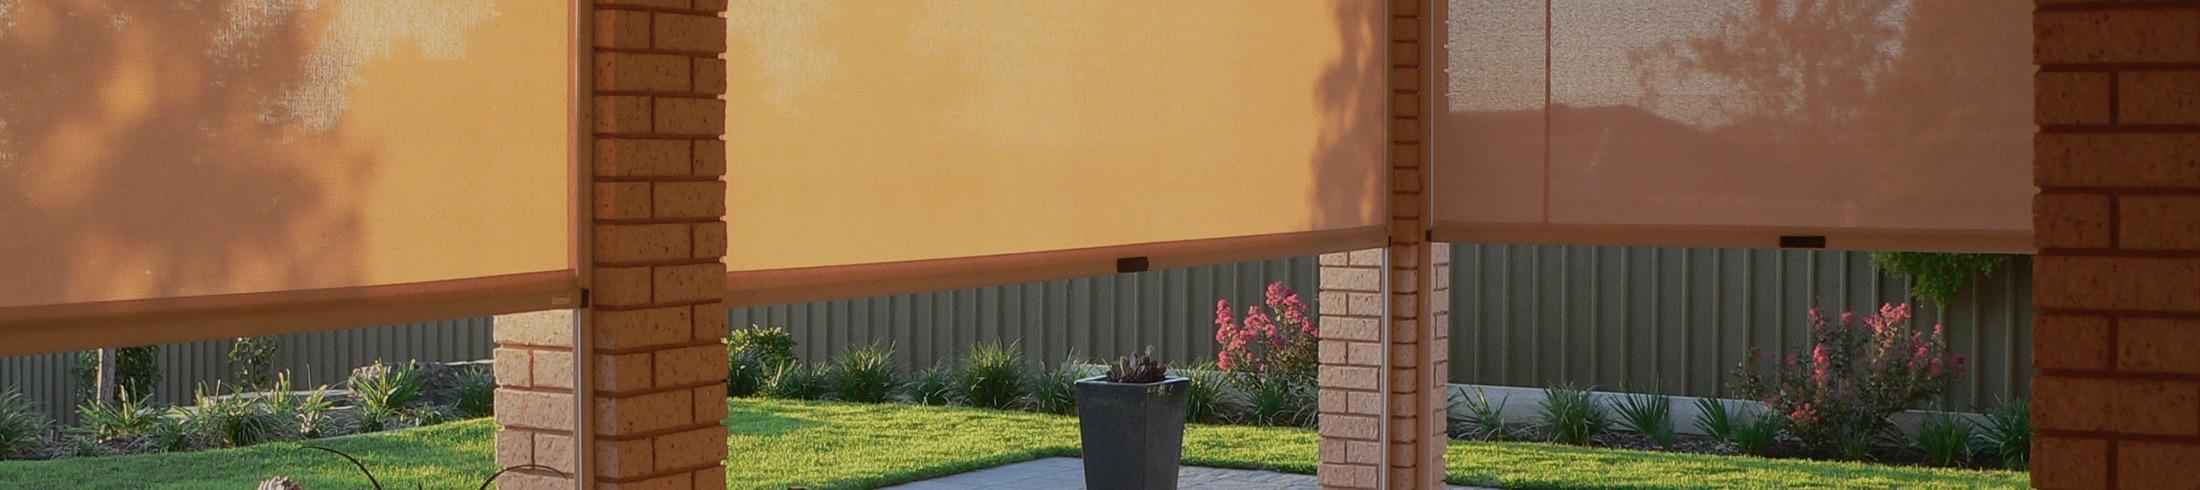 outdoor outdoor roller blinds 02